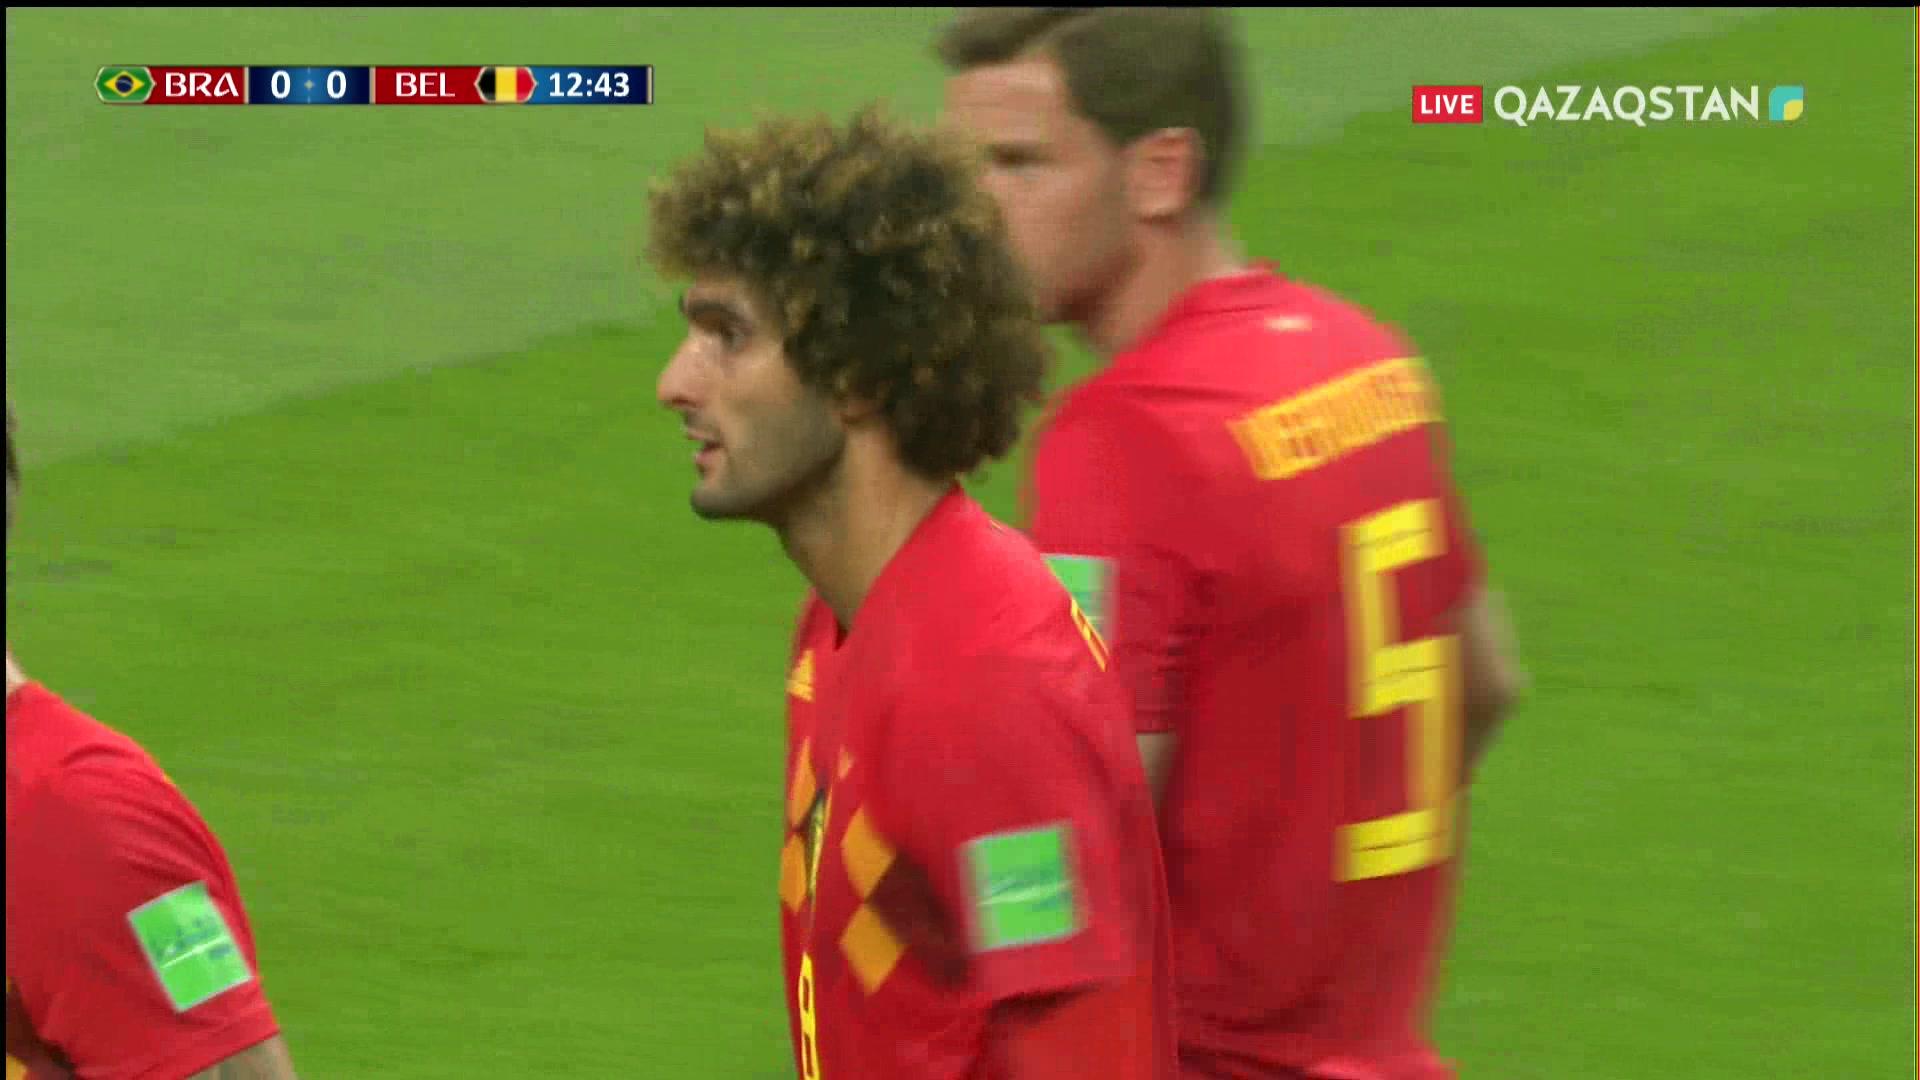 Бразилия – Бельгия - 0:1 | Әлем Чемпионаты 2018:  13* Фернандиньо өз қақпасына гол салып алды